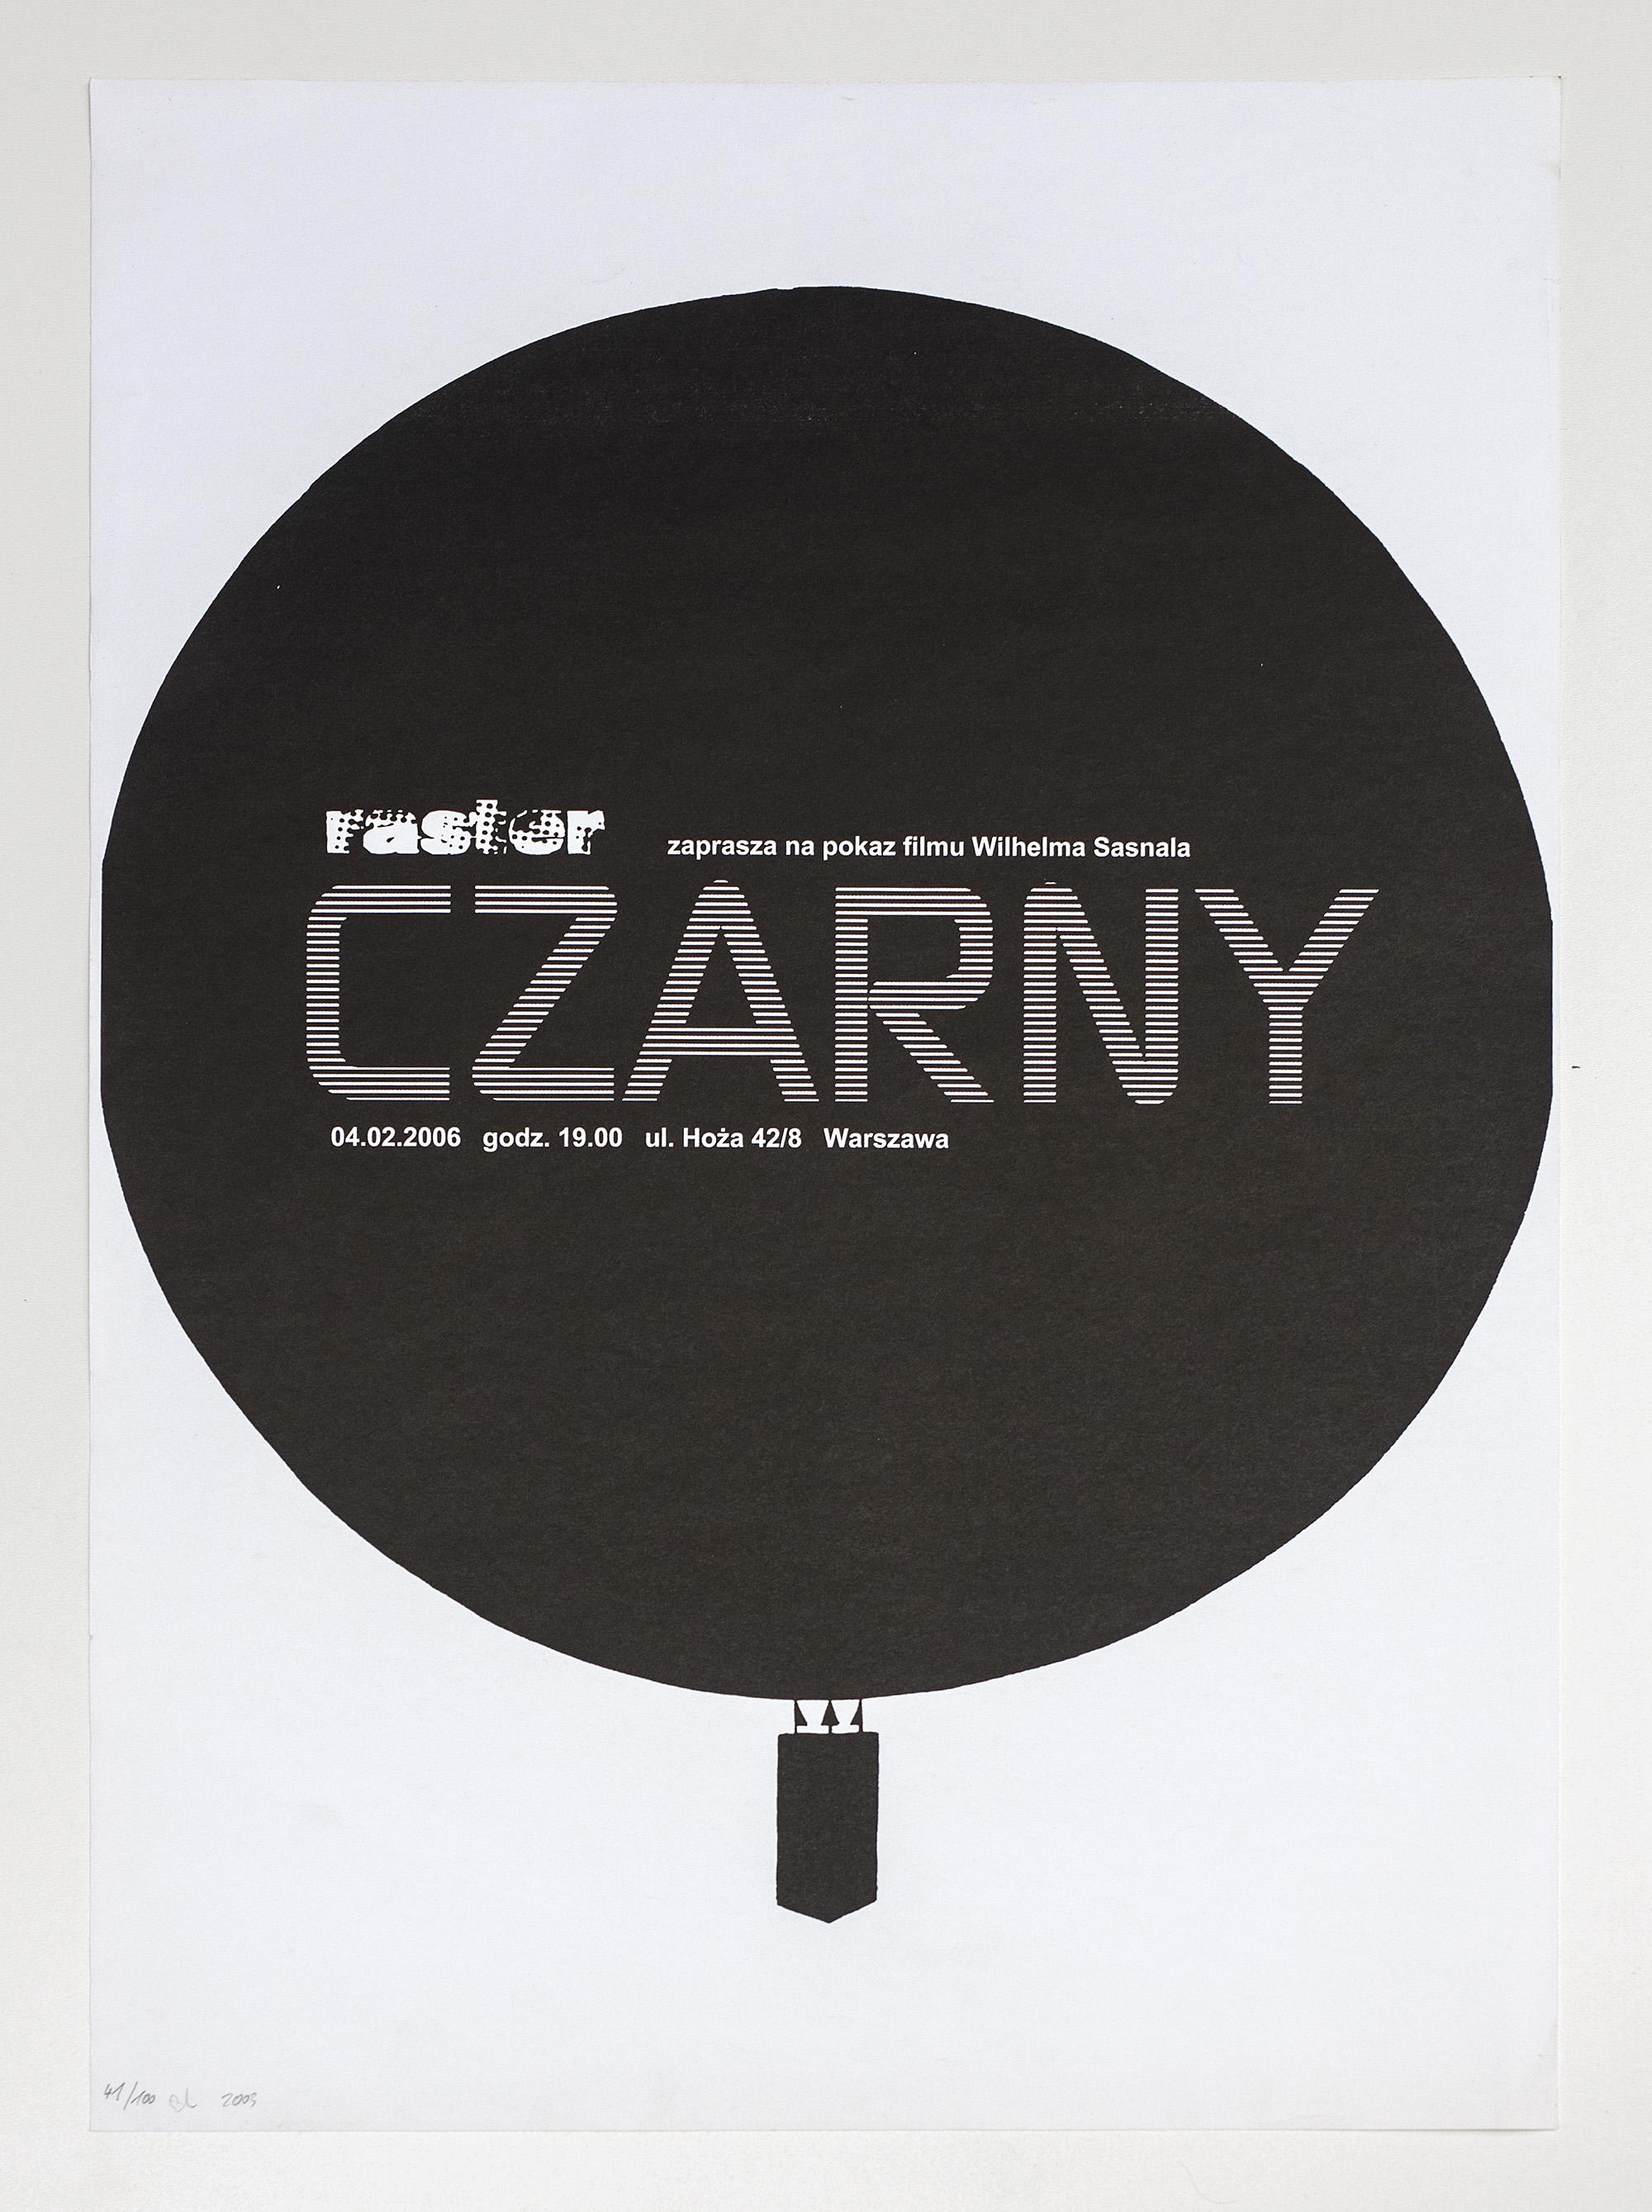 Plakat [Czarny], 2003